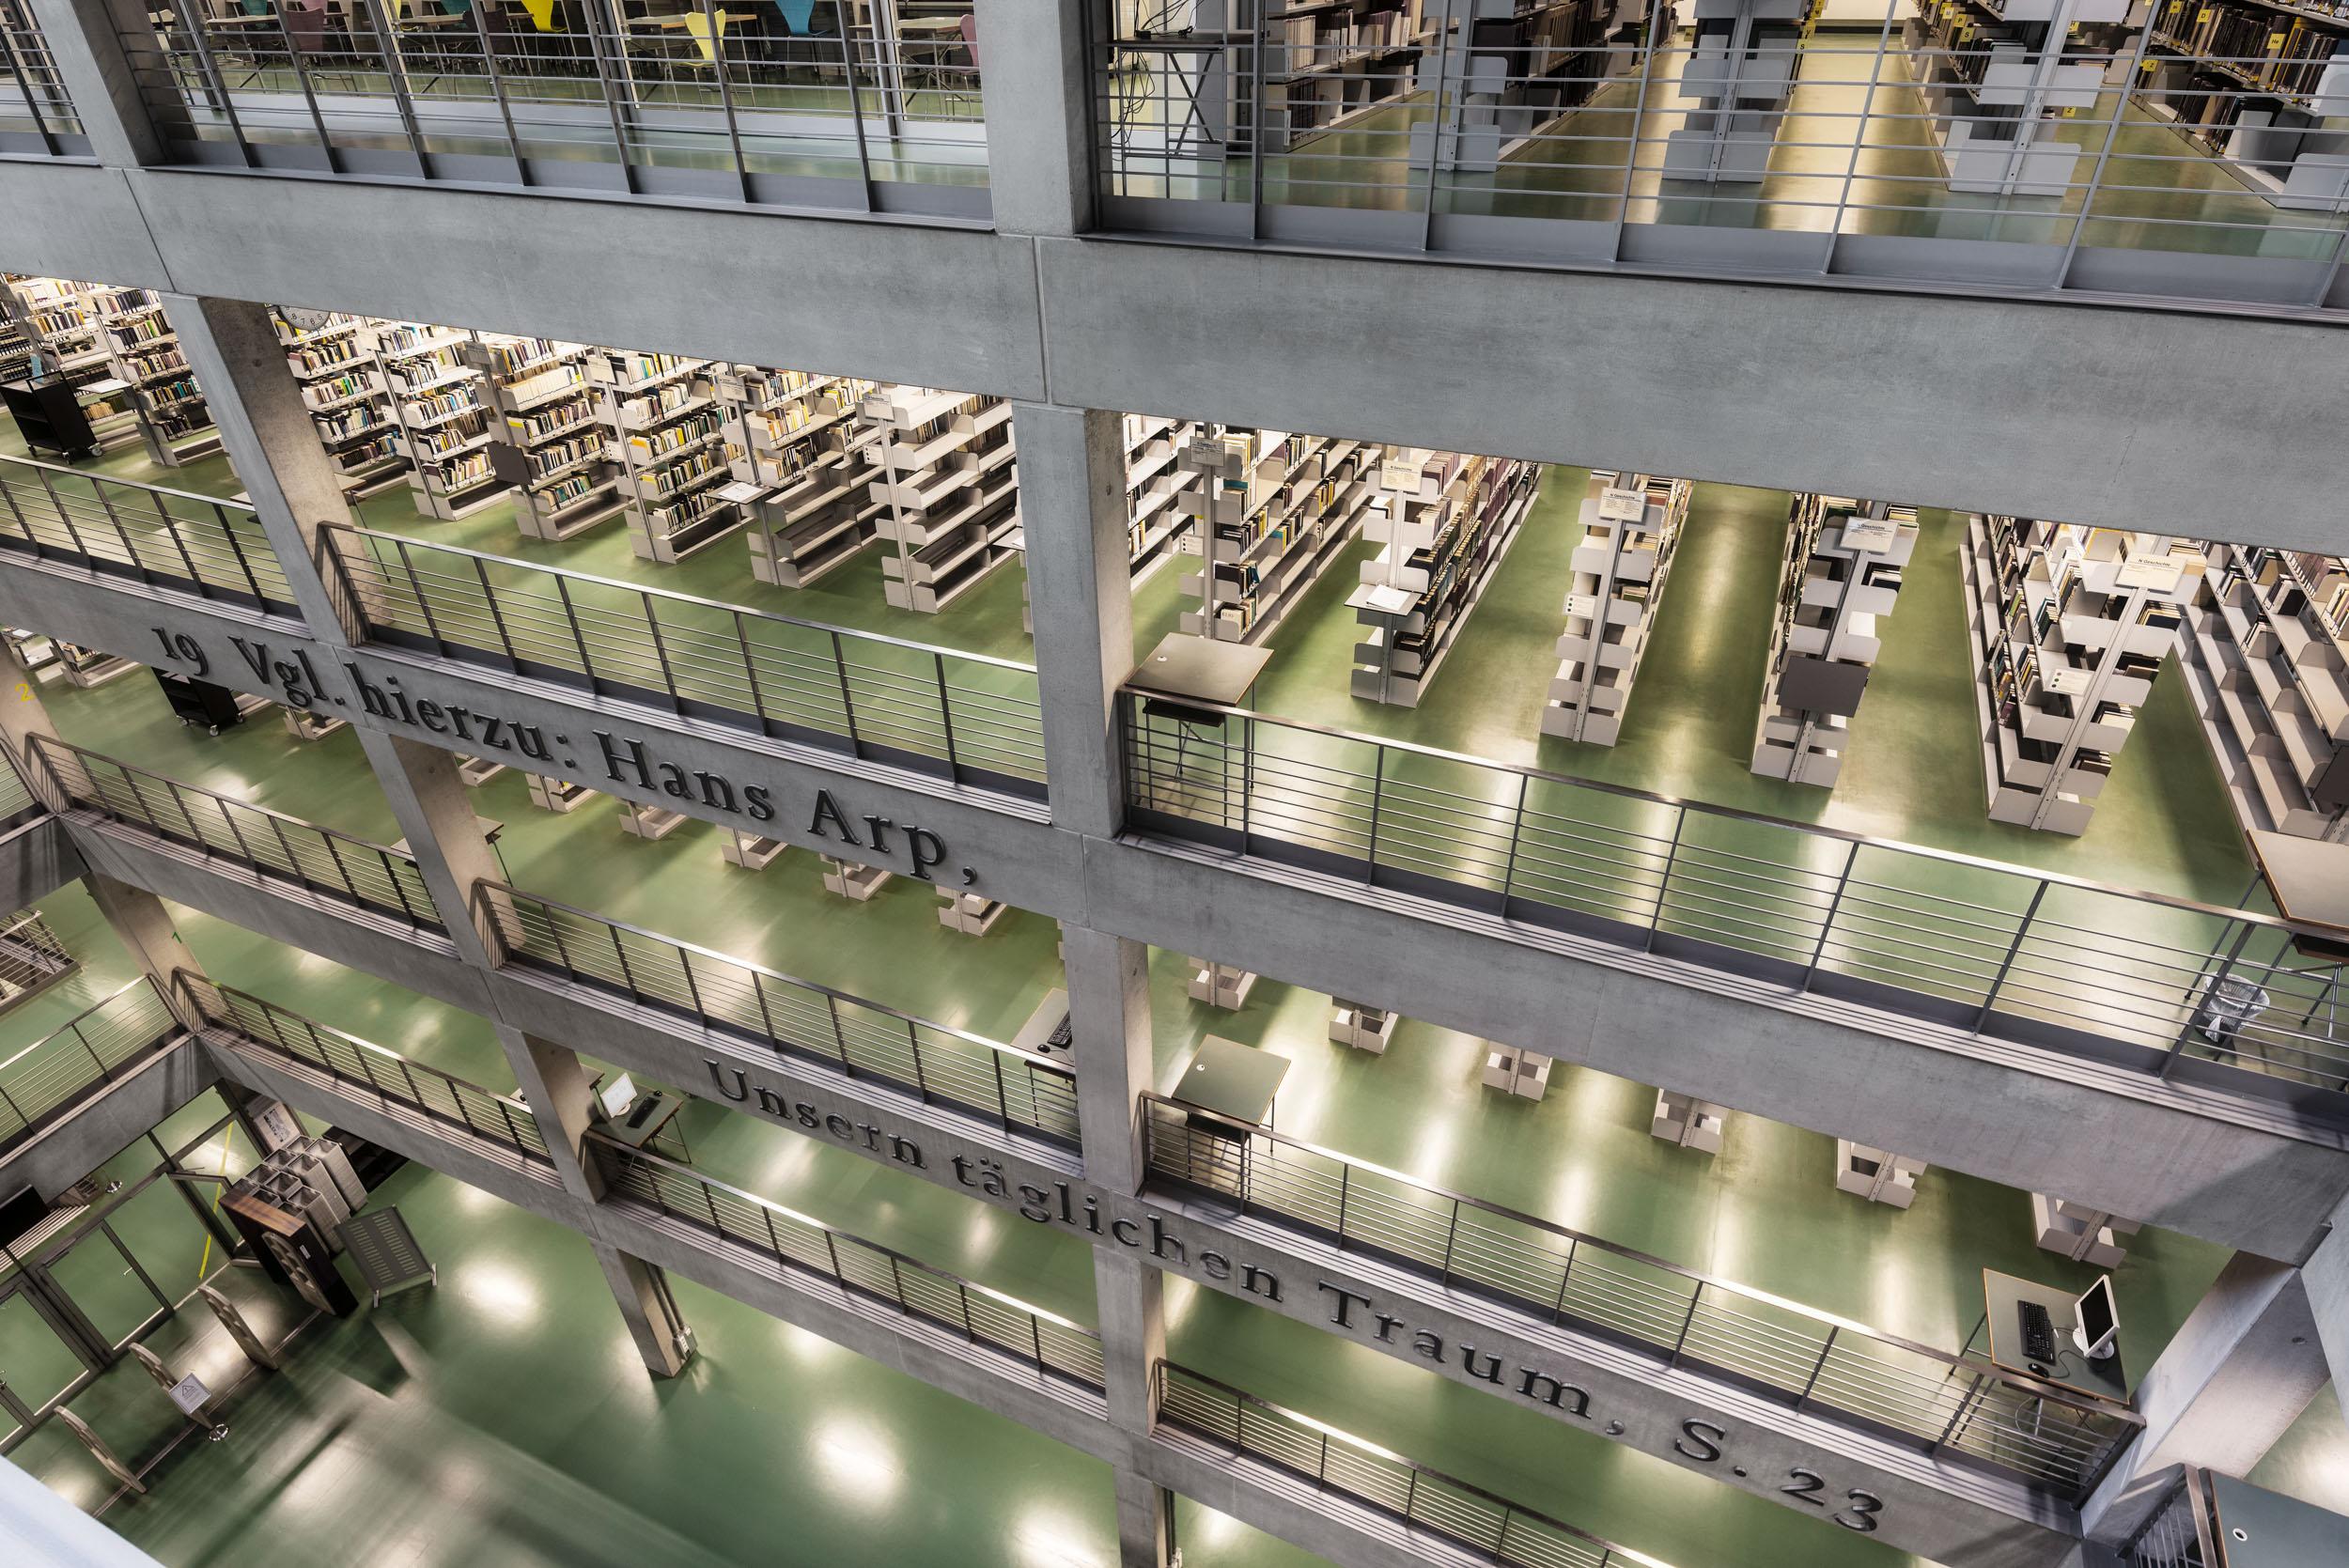 Gustav-Epple-Bauunternehmung-Bibliothek-Technische-Universität-Berlin_MLX6019